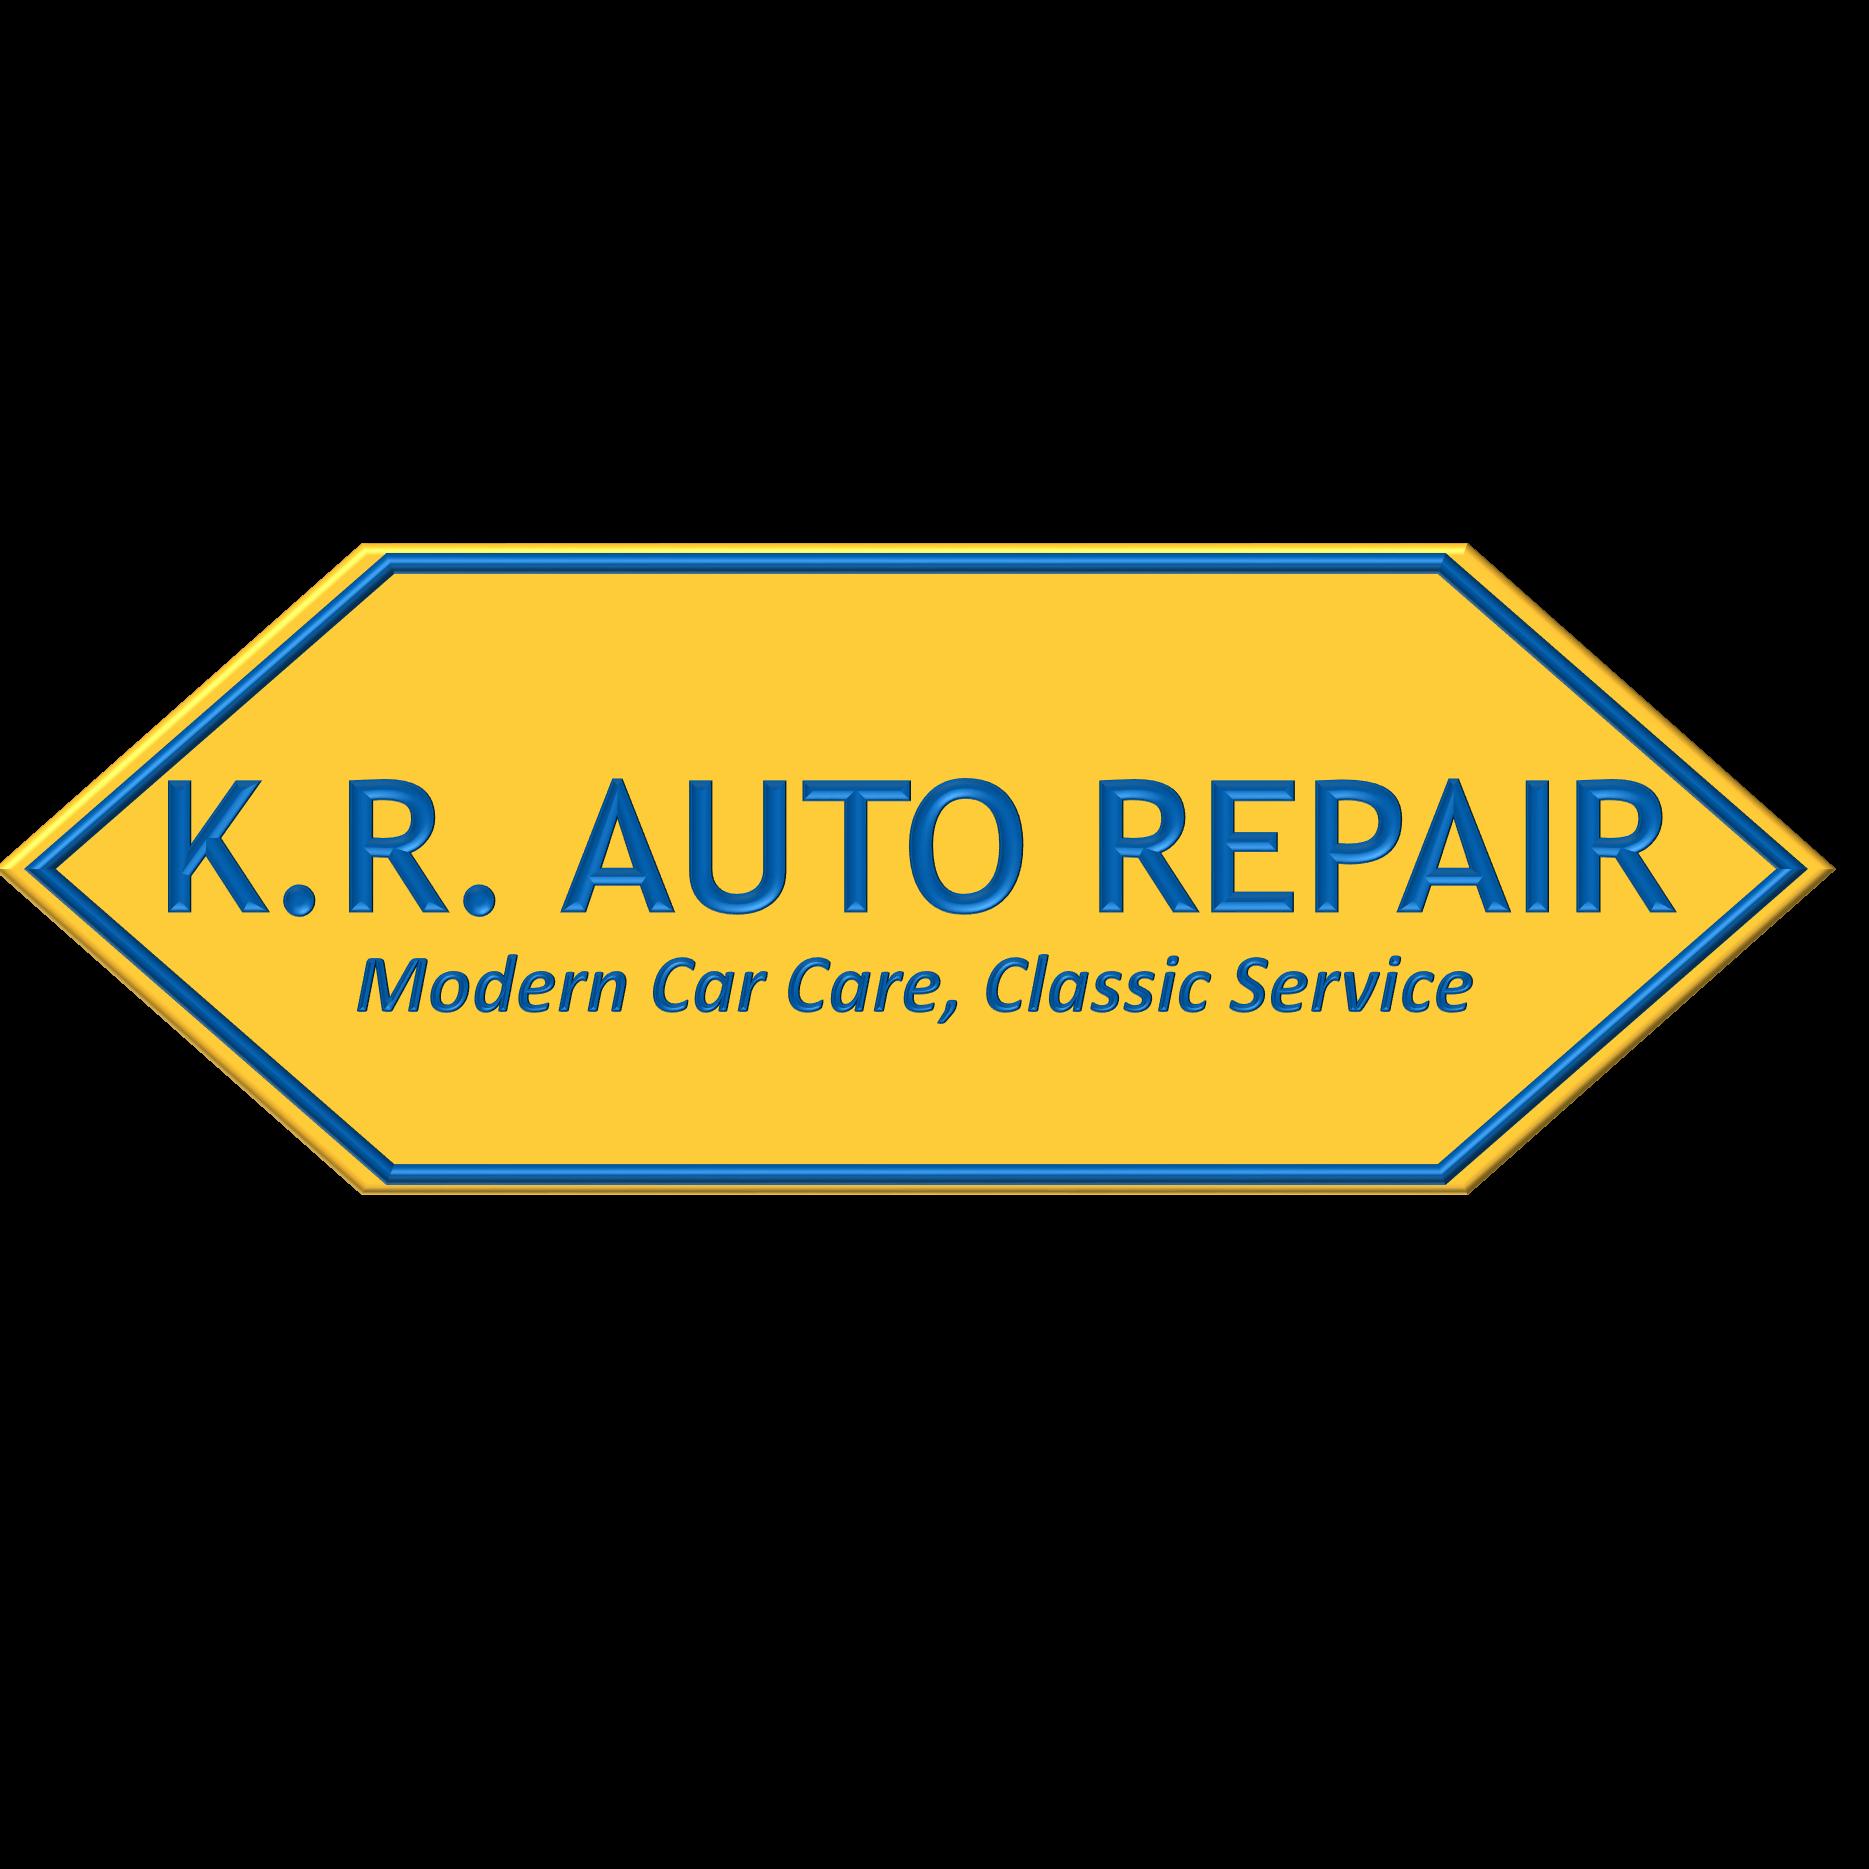 K.R. Auto Repair